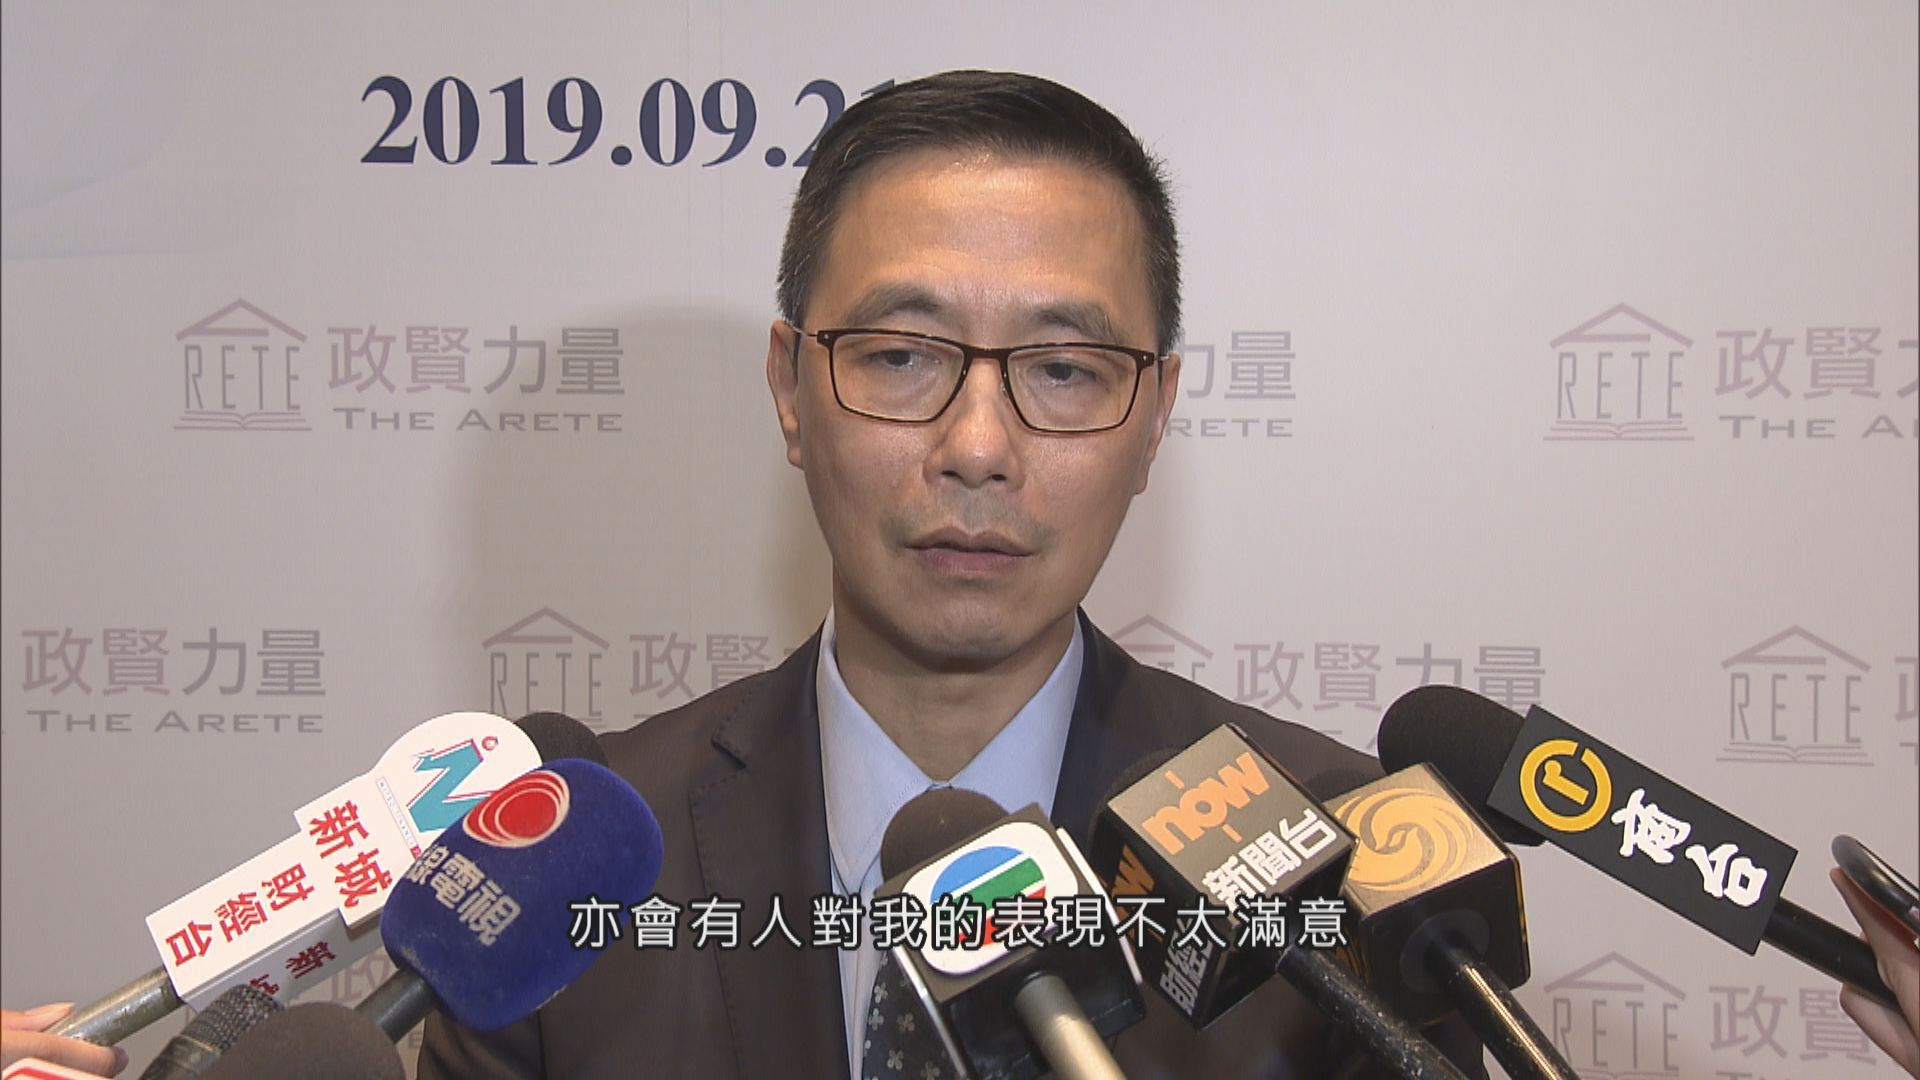 楊潤雄:中學不應取消國慶升旗禮